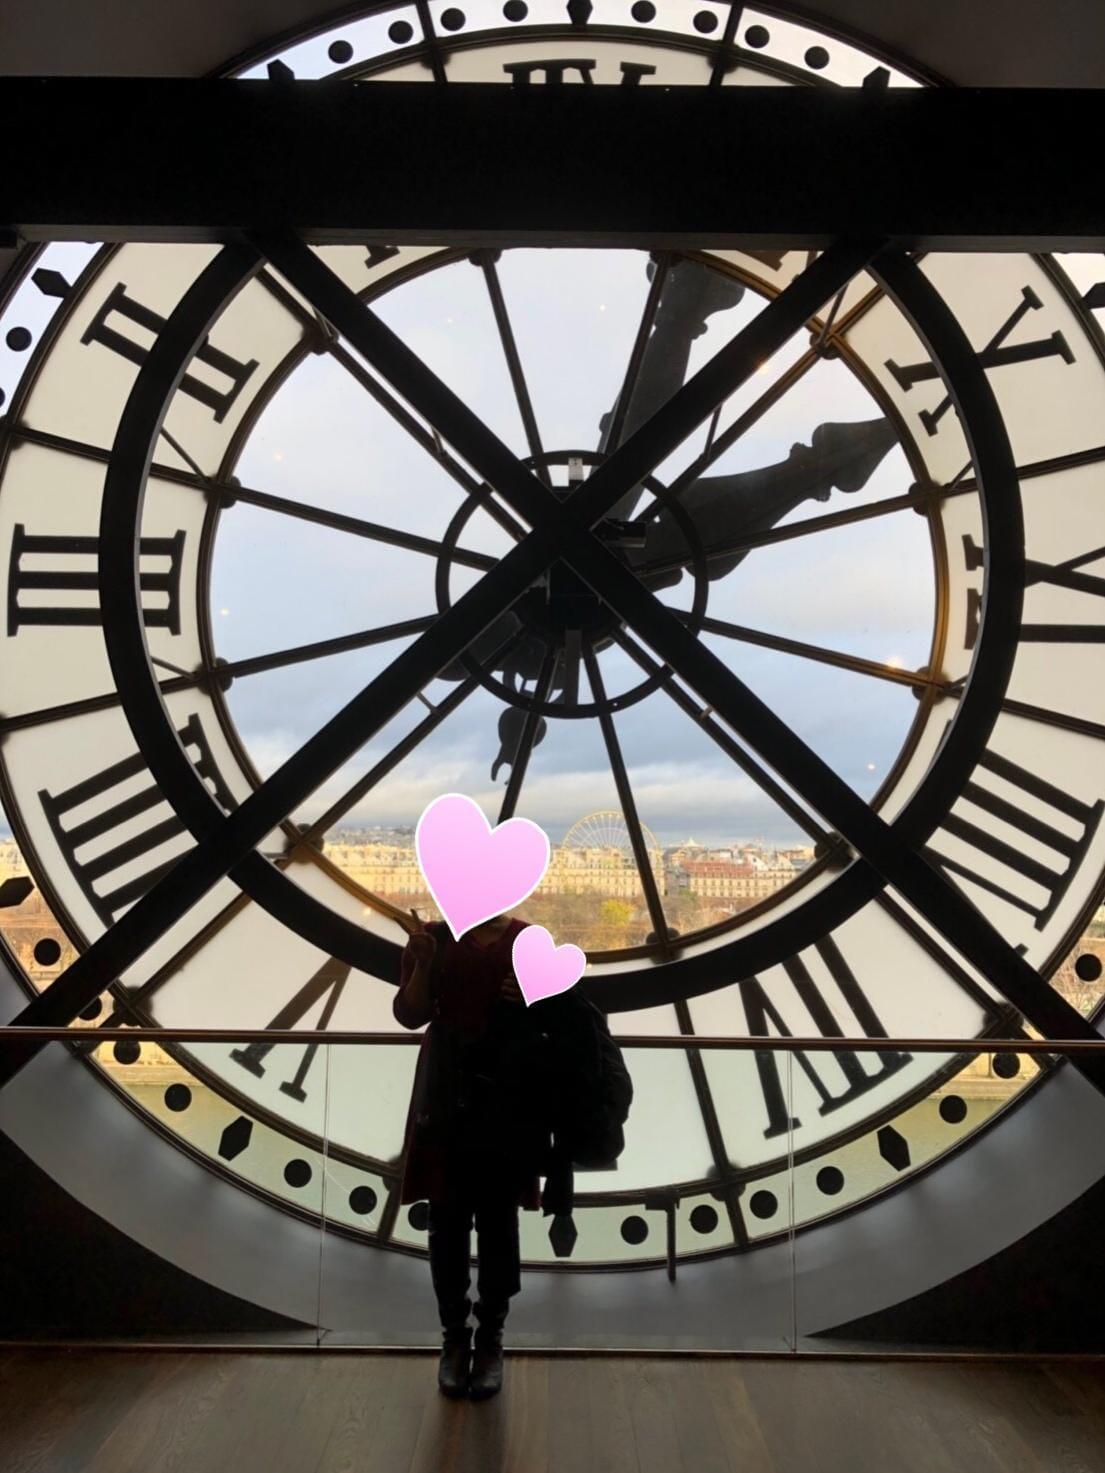 「お久しぶりです♪」12/10(月) 14:12 | のあの写メ・風俗動画